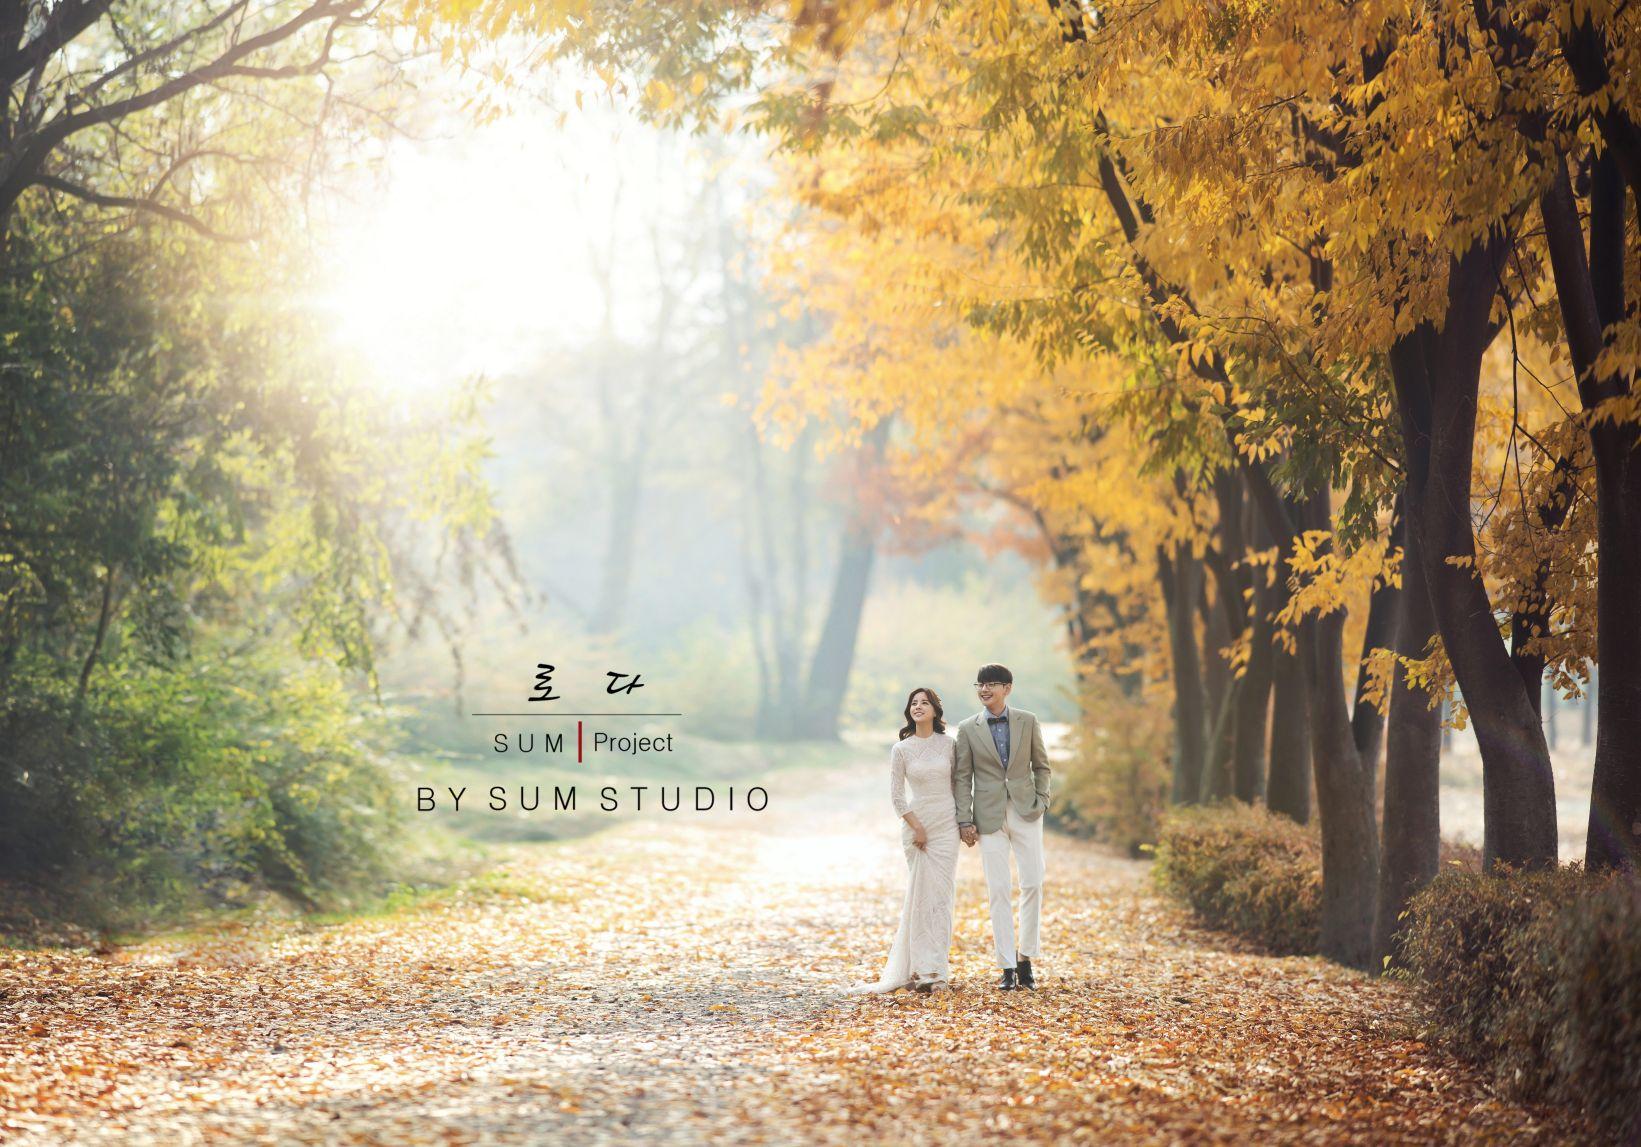 别浪费了秋季的绚烂景色 秋天婚纱照欣赏【3】